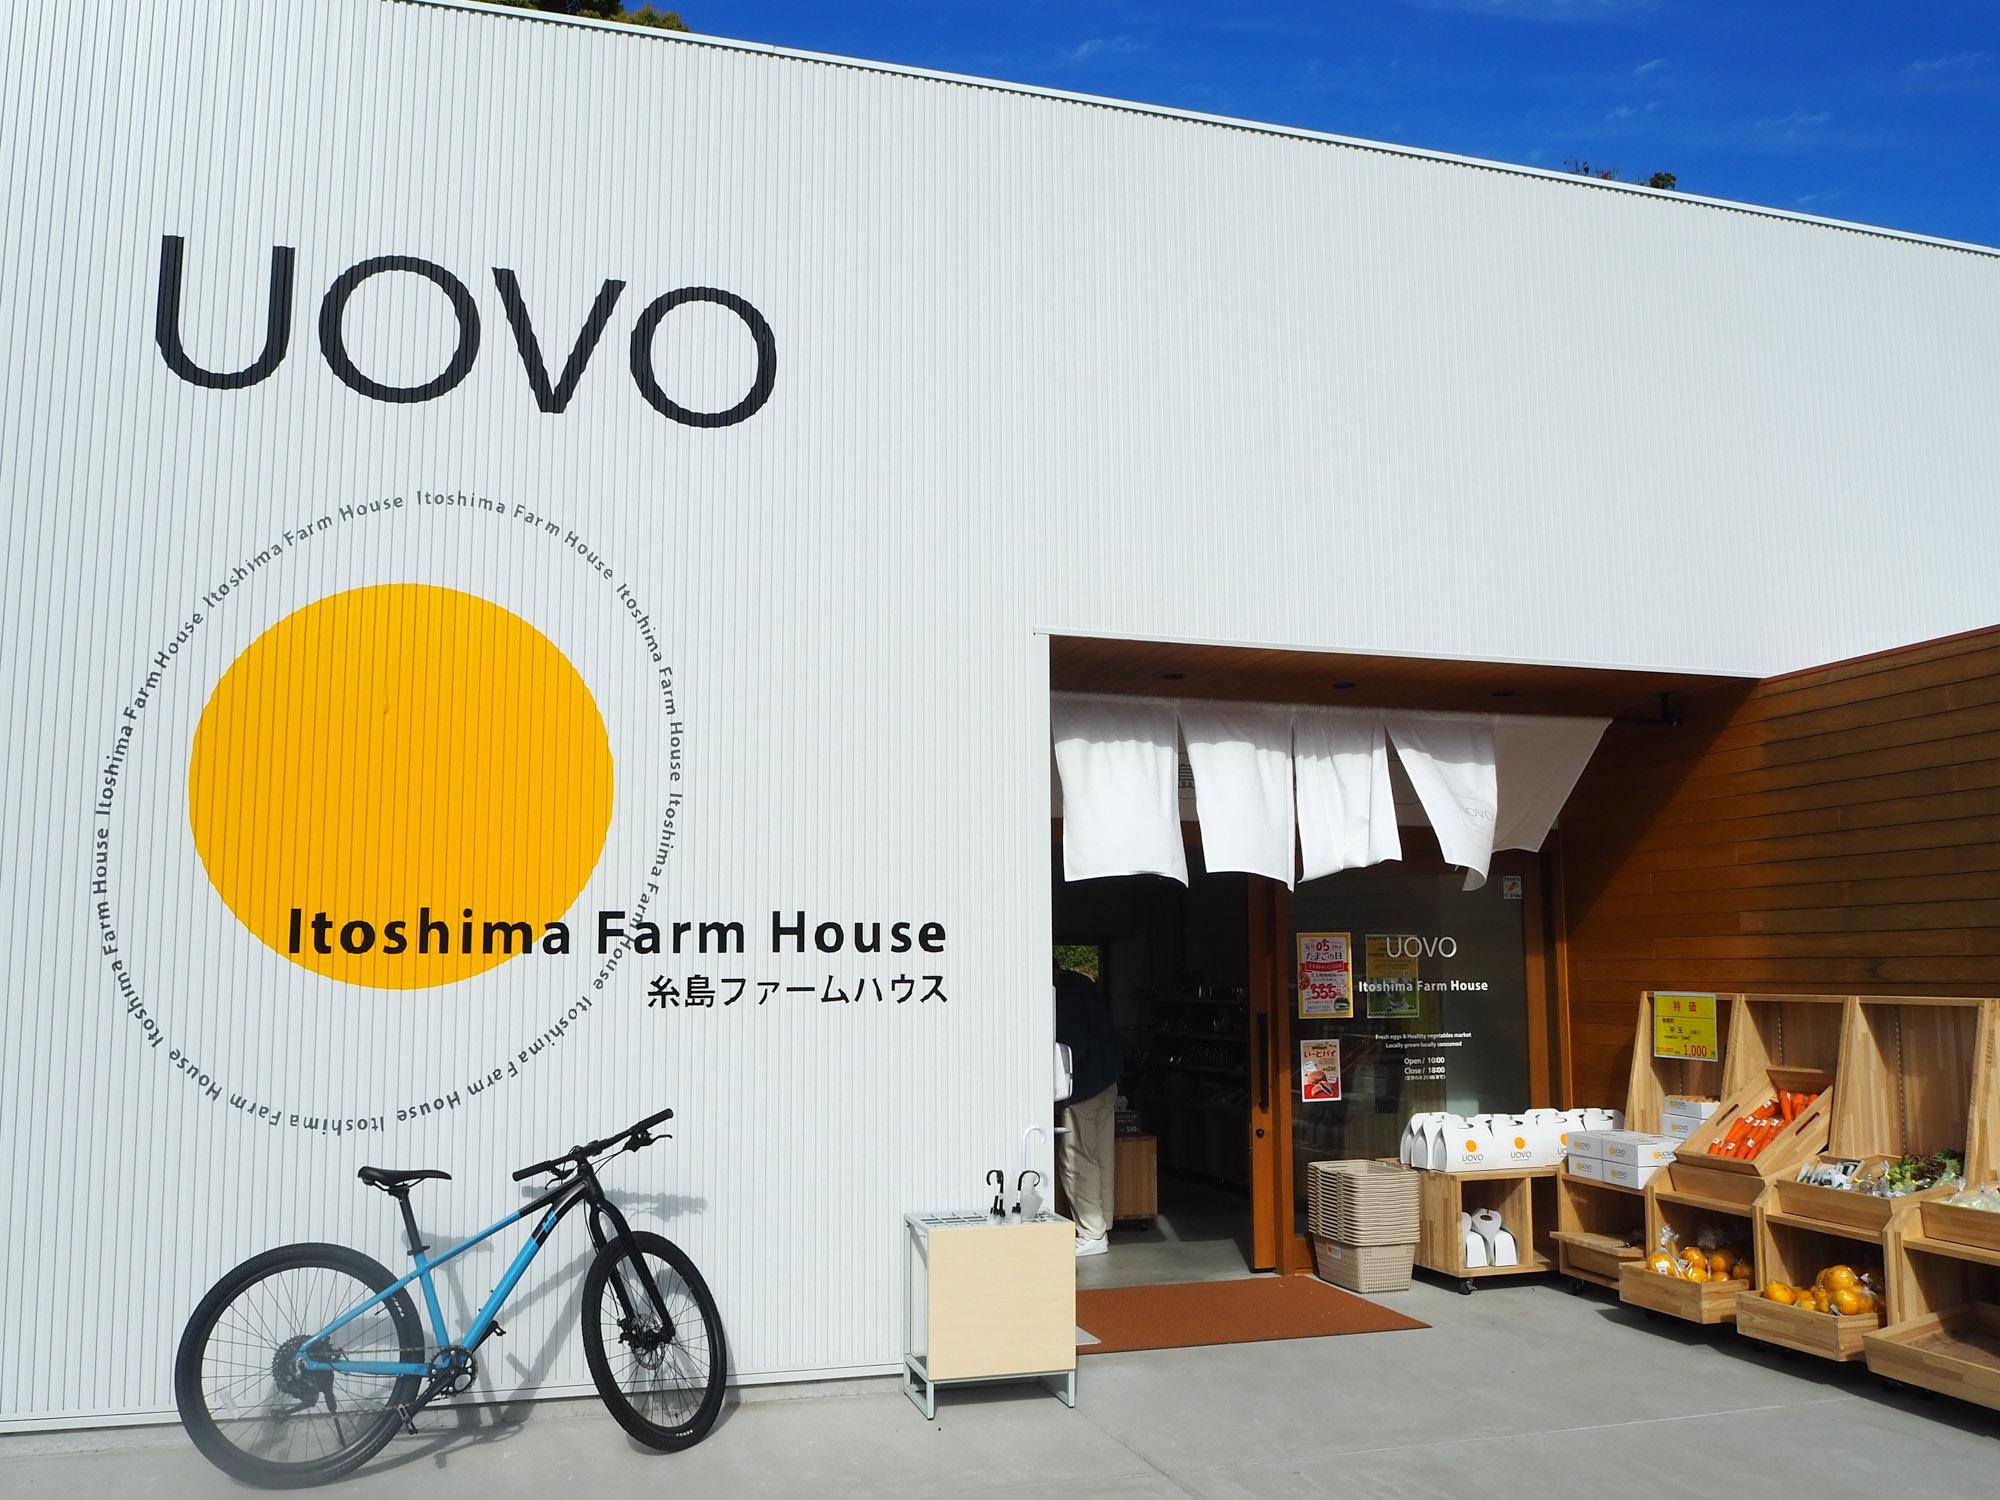 ここまで走ってきたご褒美スイーツをいただくカフェ<UOVO>。かっこいい外観にテンションが上がりますね。